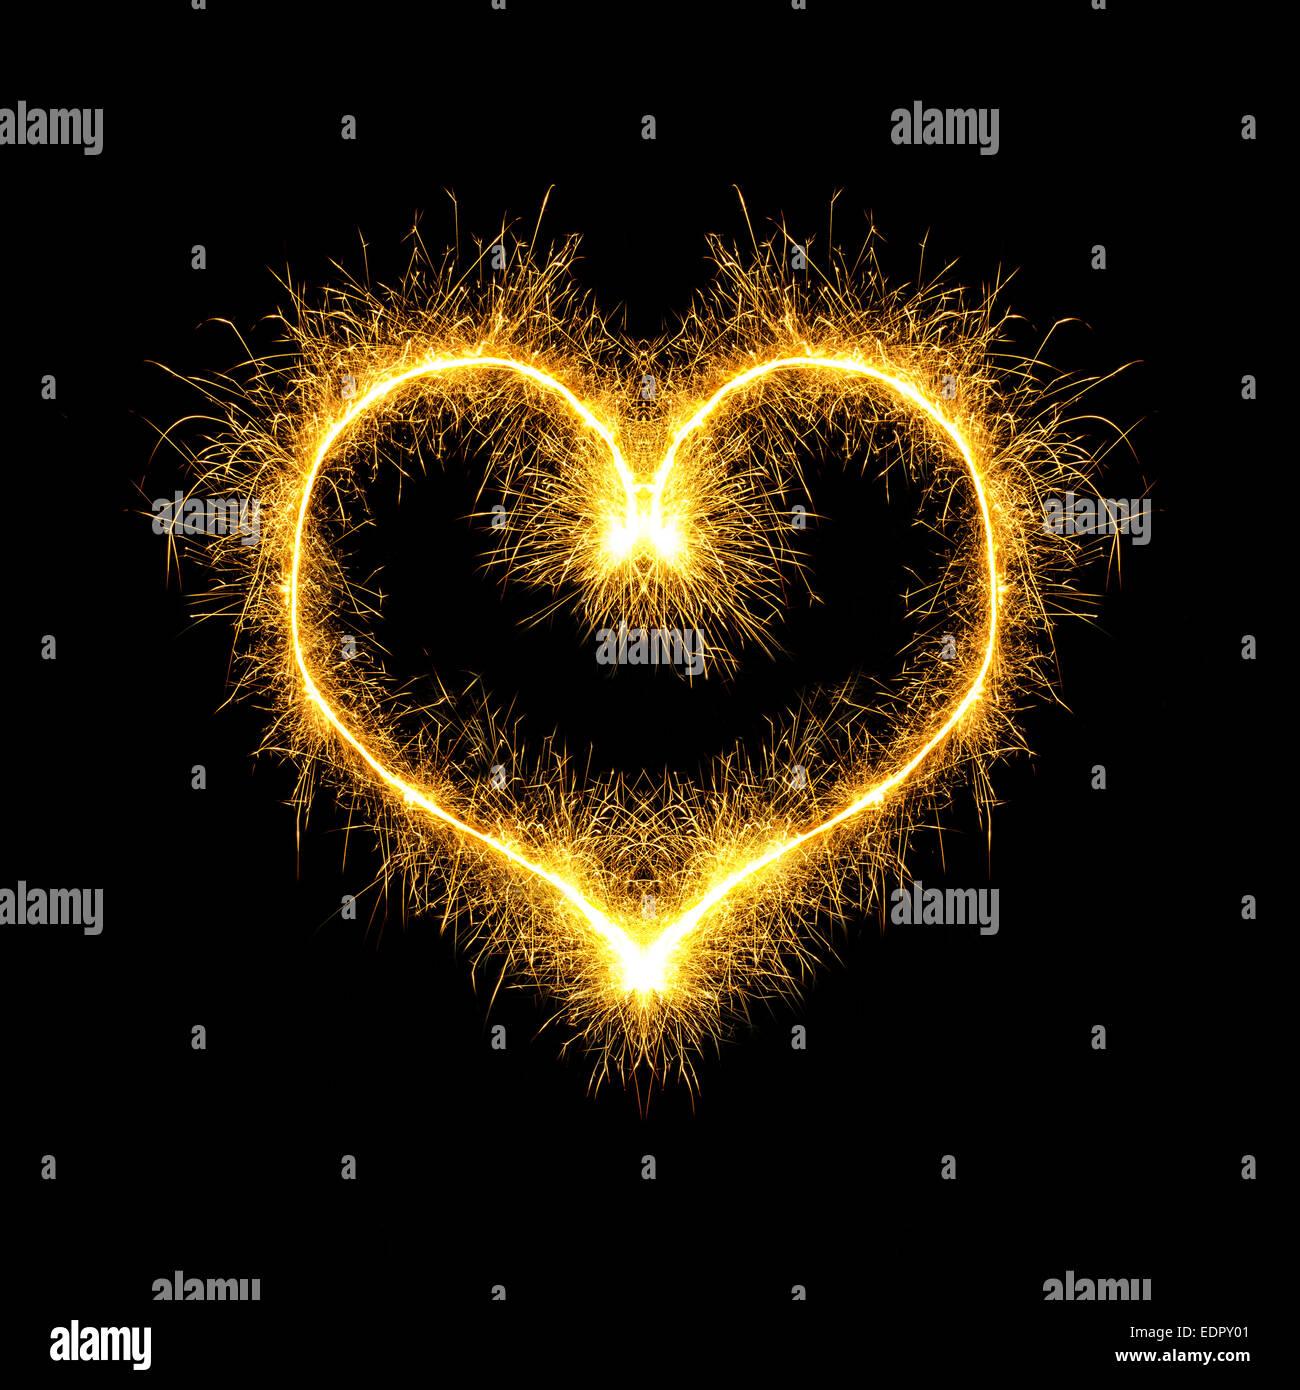 Funkenbildung Herzen auf schwarzem Hintergrund Stockfoto